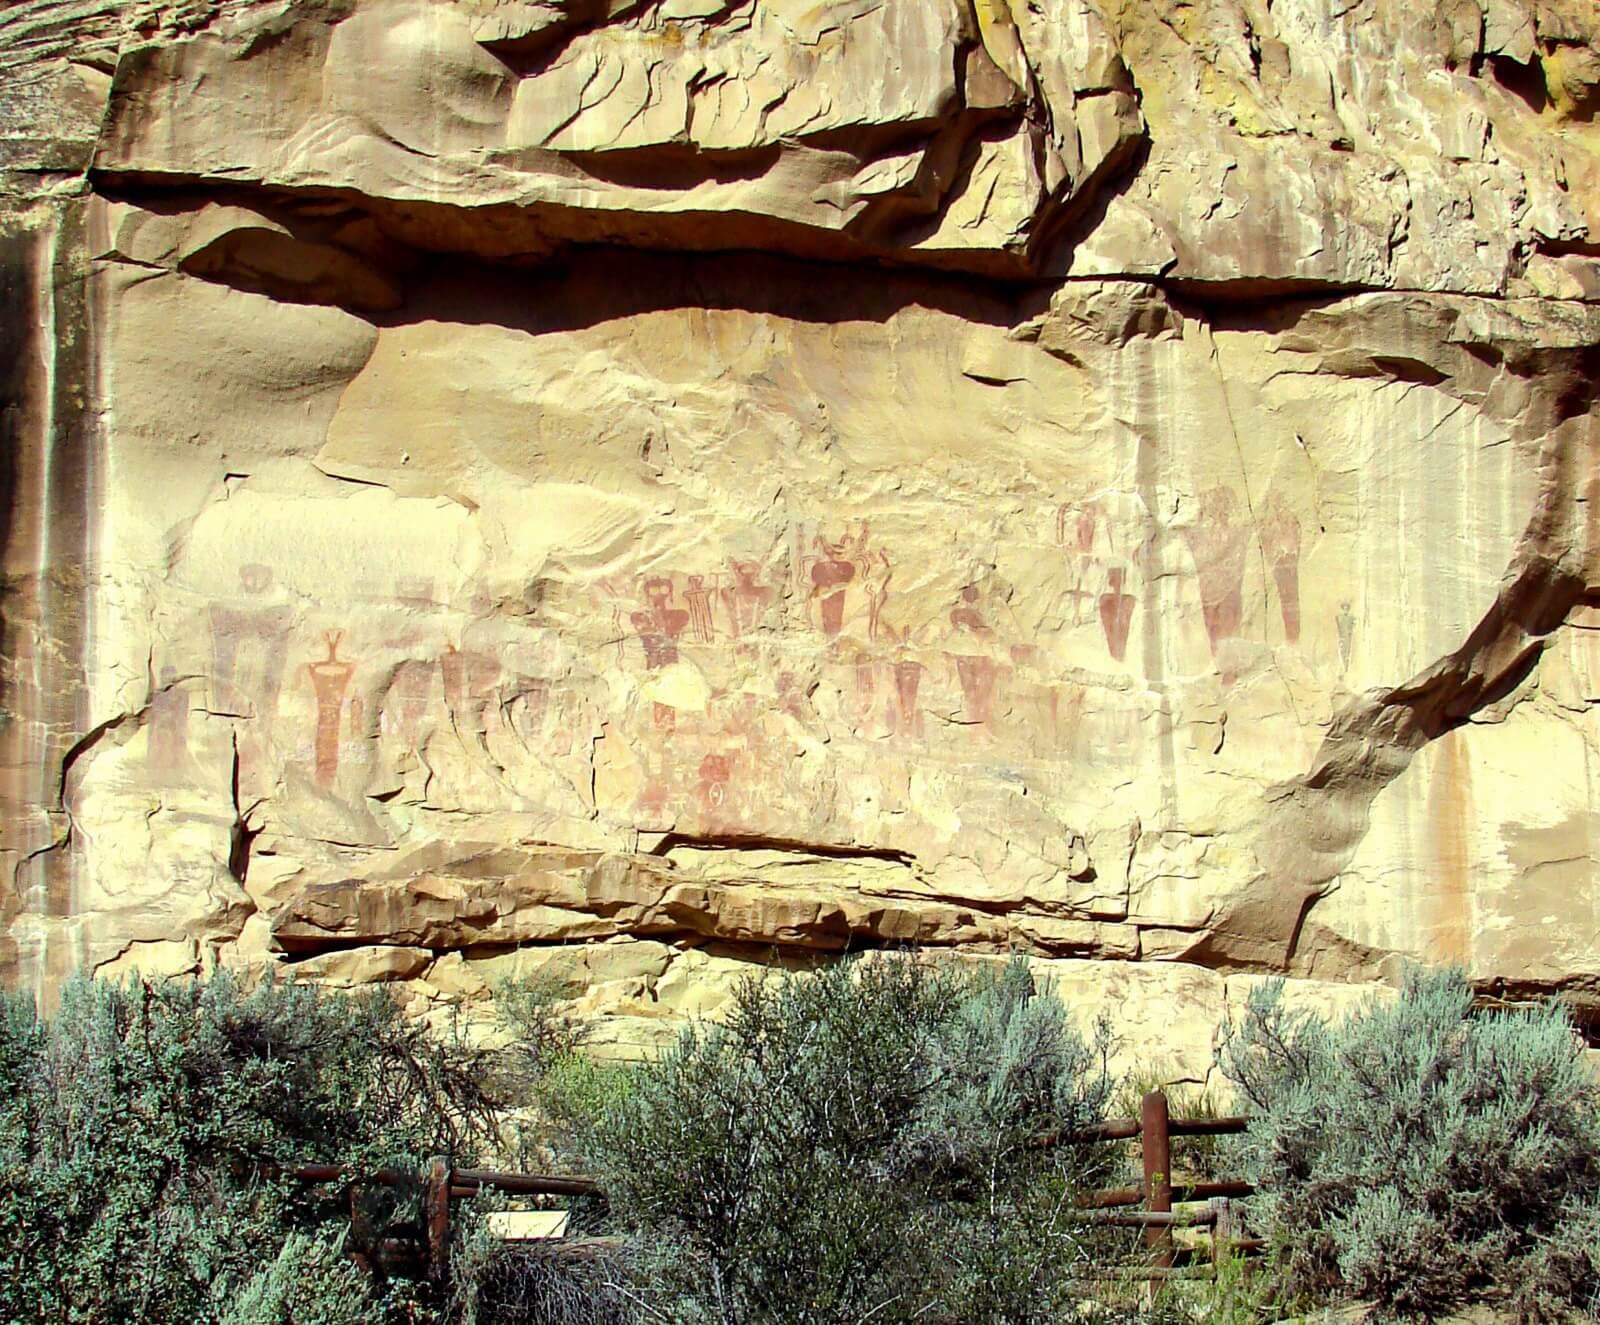 utah petroglyph rock art